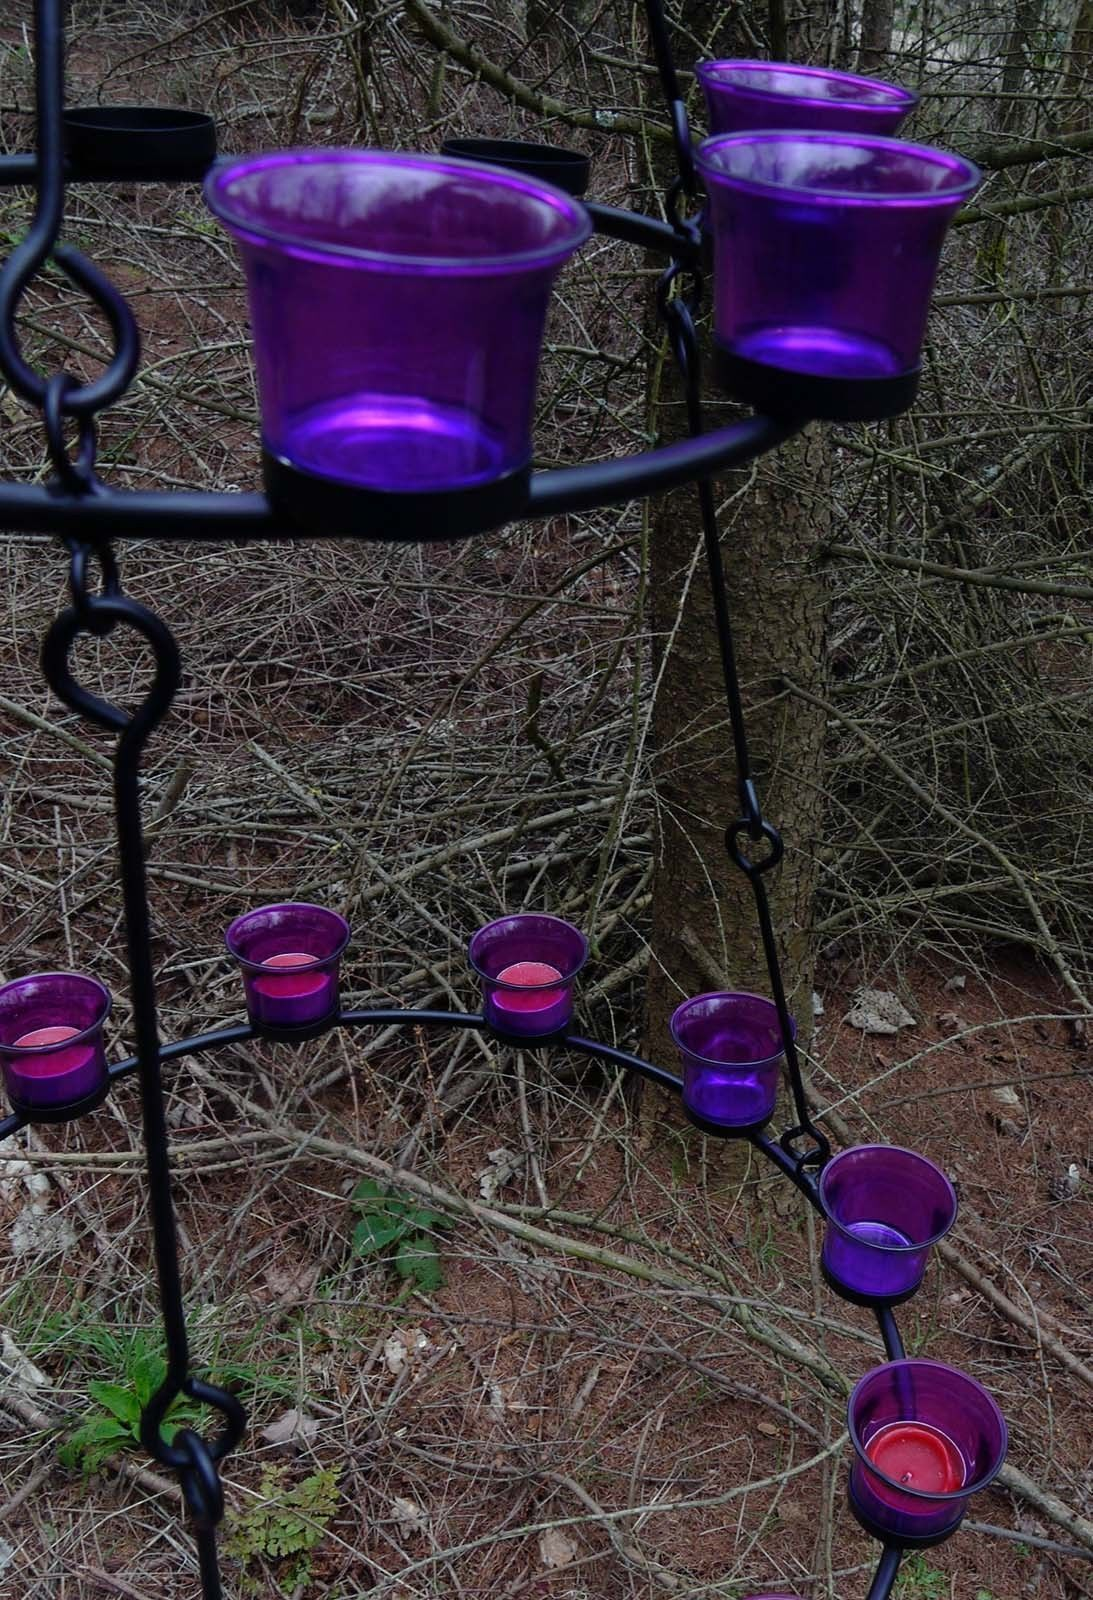 Dekorativer Teelichthalter  Teelicht Kronleuchter für den Garten oder Rundzeit Rundzeit Rundzeit 24cac4